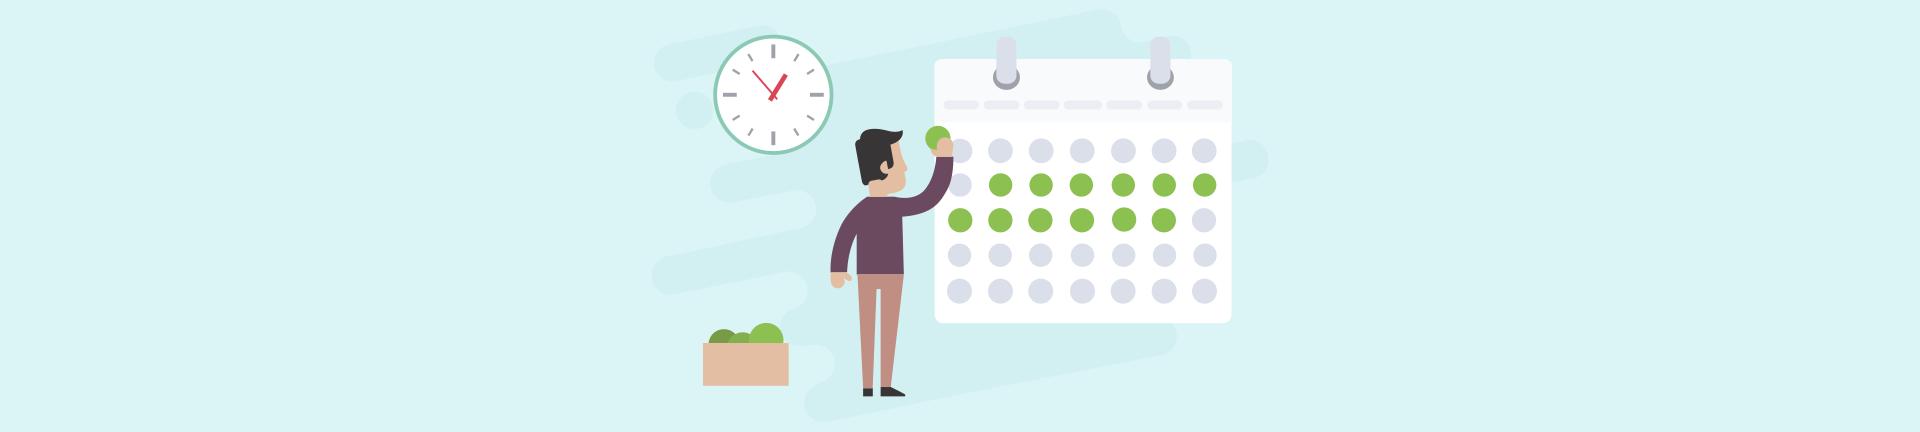 Los nuevos conceptos de «Disponibilidad» y «Horario» en el sistema de reservas Pinpoint 3.0 and Schedule concepts in Pinpoint Booking System 3.0